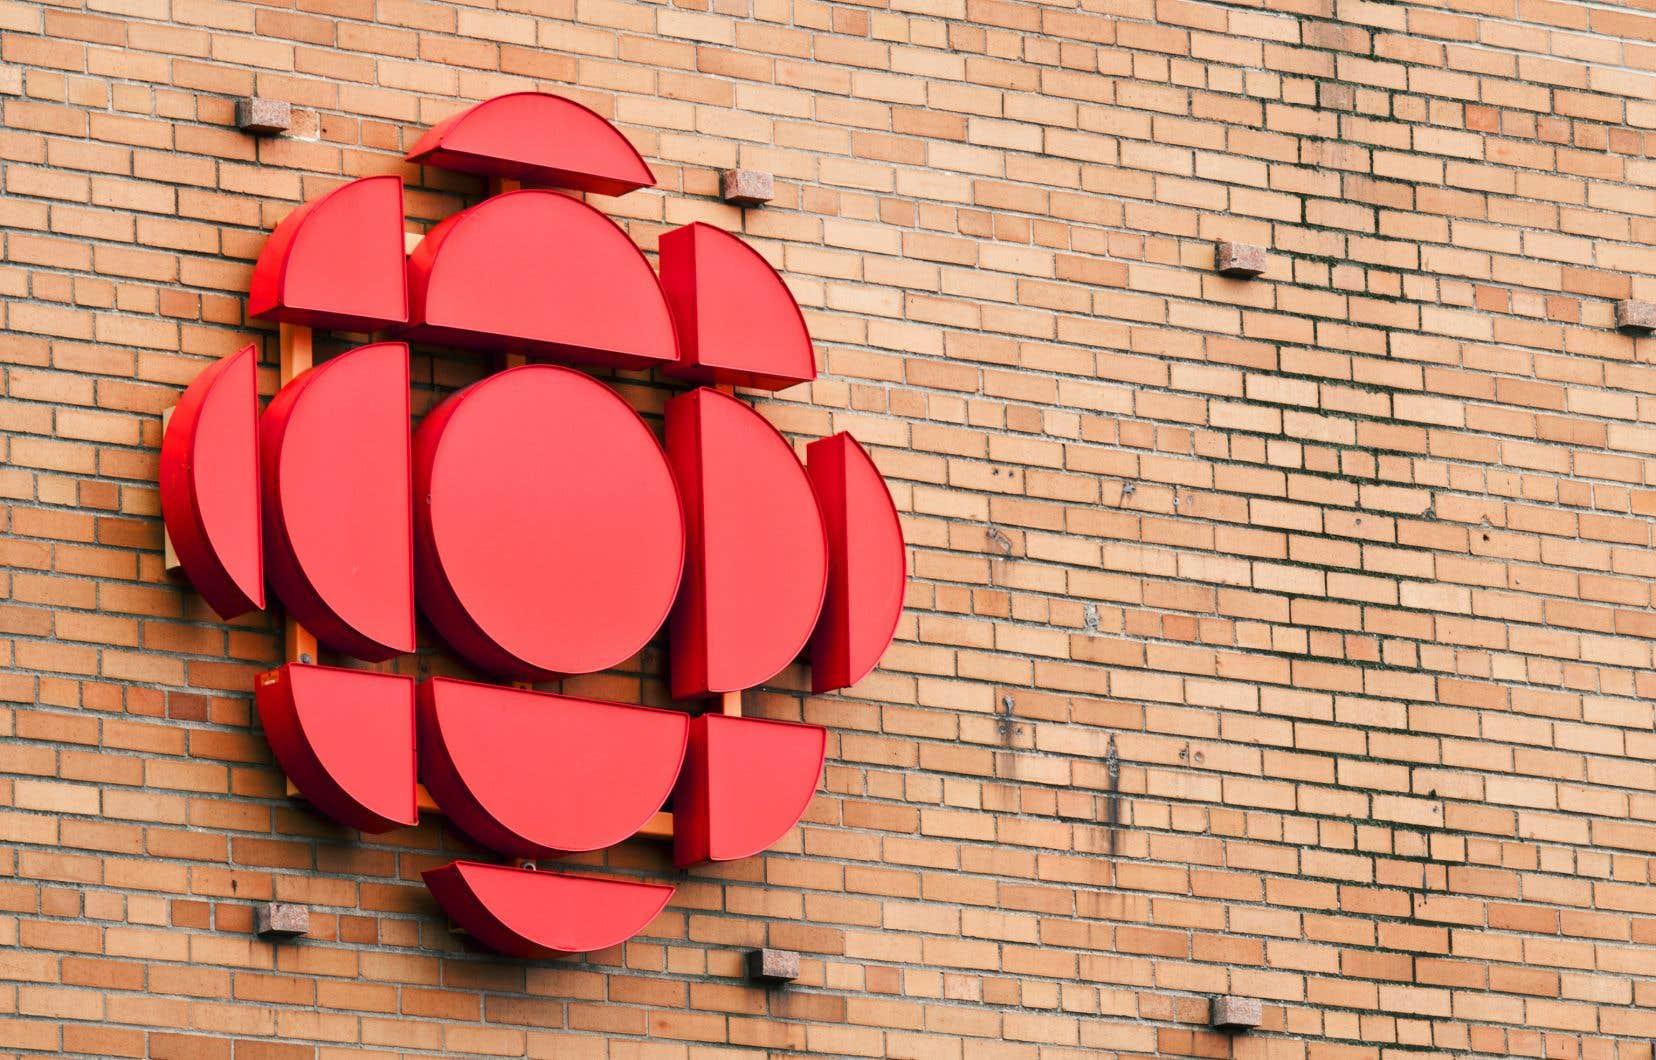 À compter de septembre, les gens qui syntoniseront une chaîne de Radio-Canada écouteront un bulletin de nouvelles produit non plus ici, mais à Rimouski, déplore la mairesse de Rivière-du-Loup.